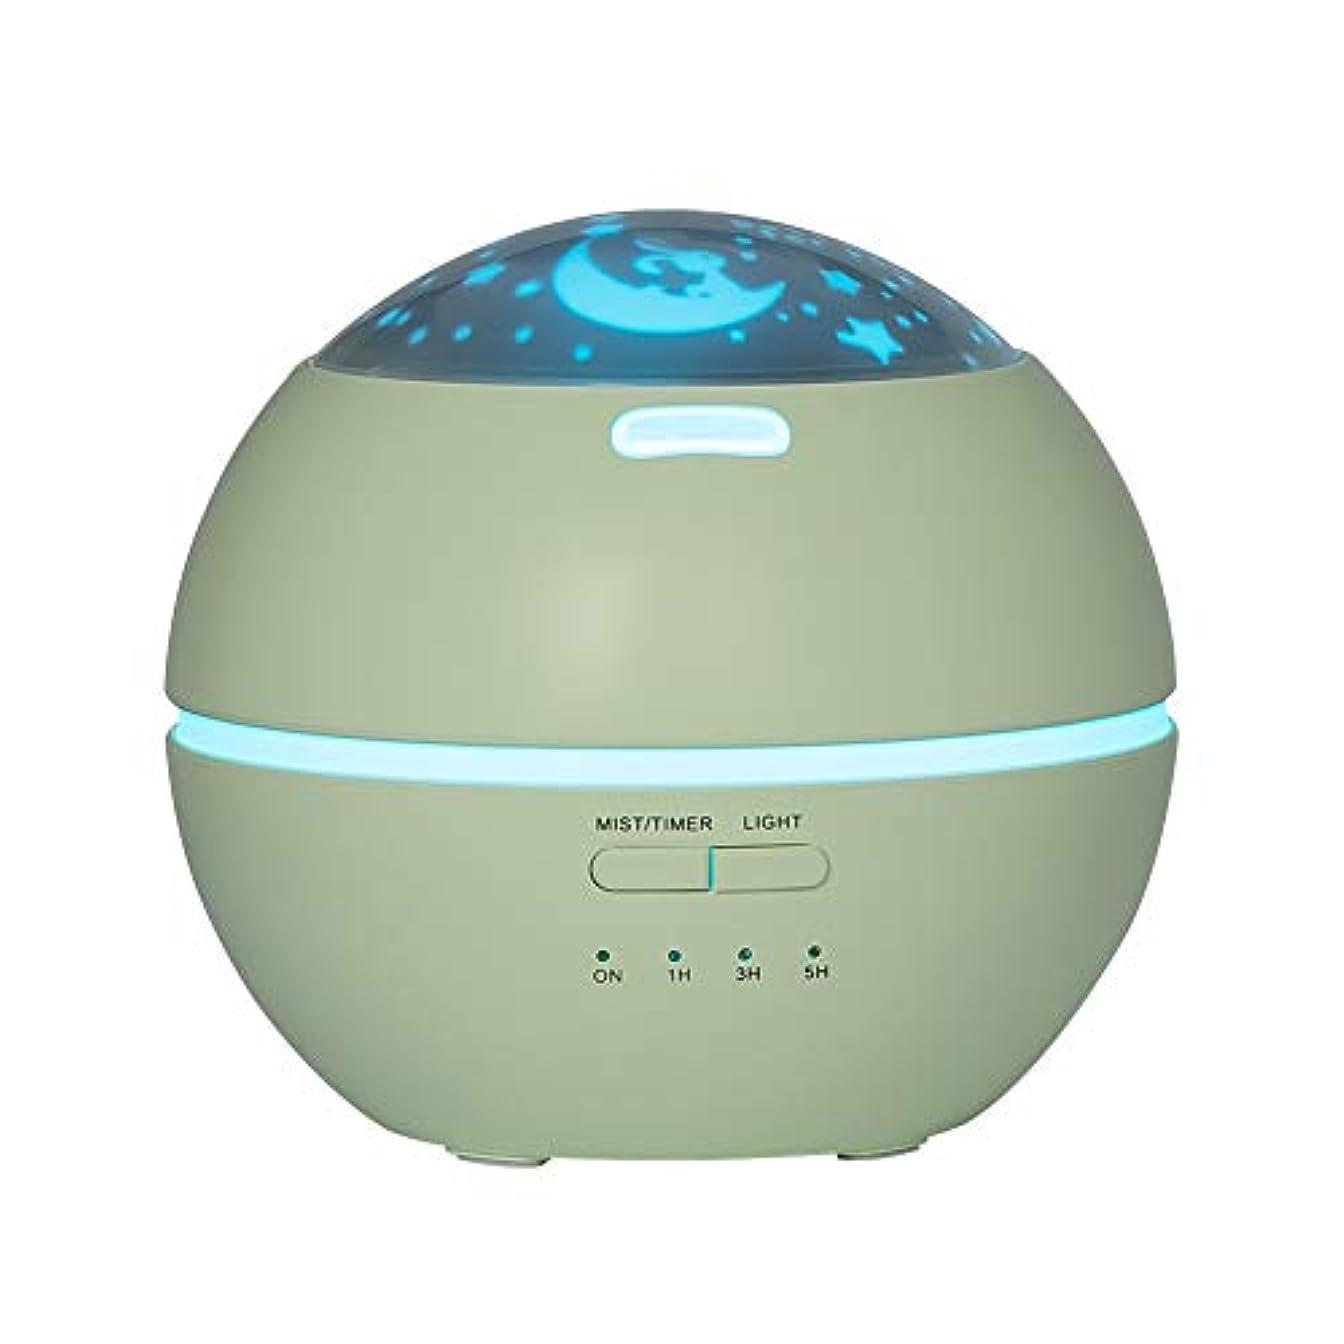 警告報酬のコメントLIBESON 加湿器 卓上 超音波式 アロマディフューザー 8色LEDライト変換 超静音 ミス調整可能 時間設定タイマー機能付き 空焚き防止機能搭載 アロマ加湿器 ホワイト150mL (グリーン)